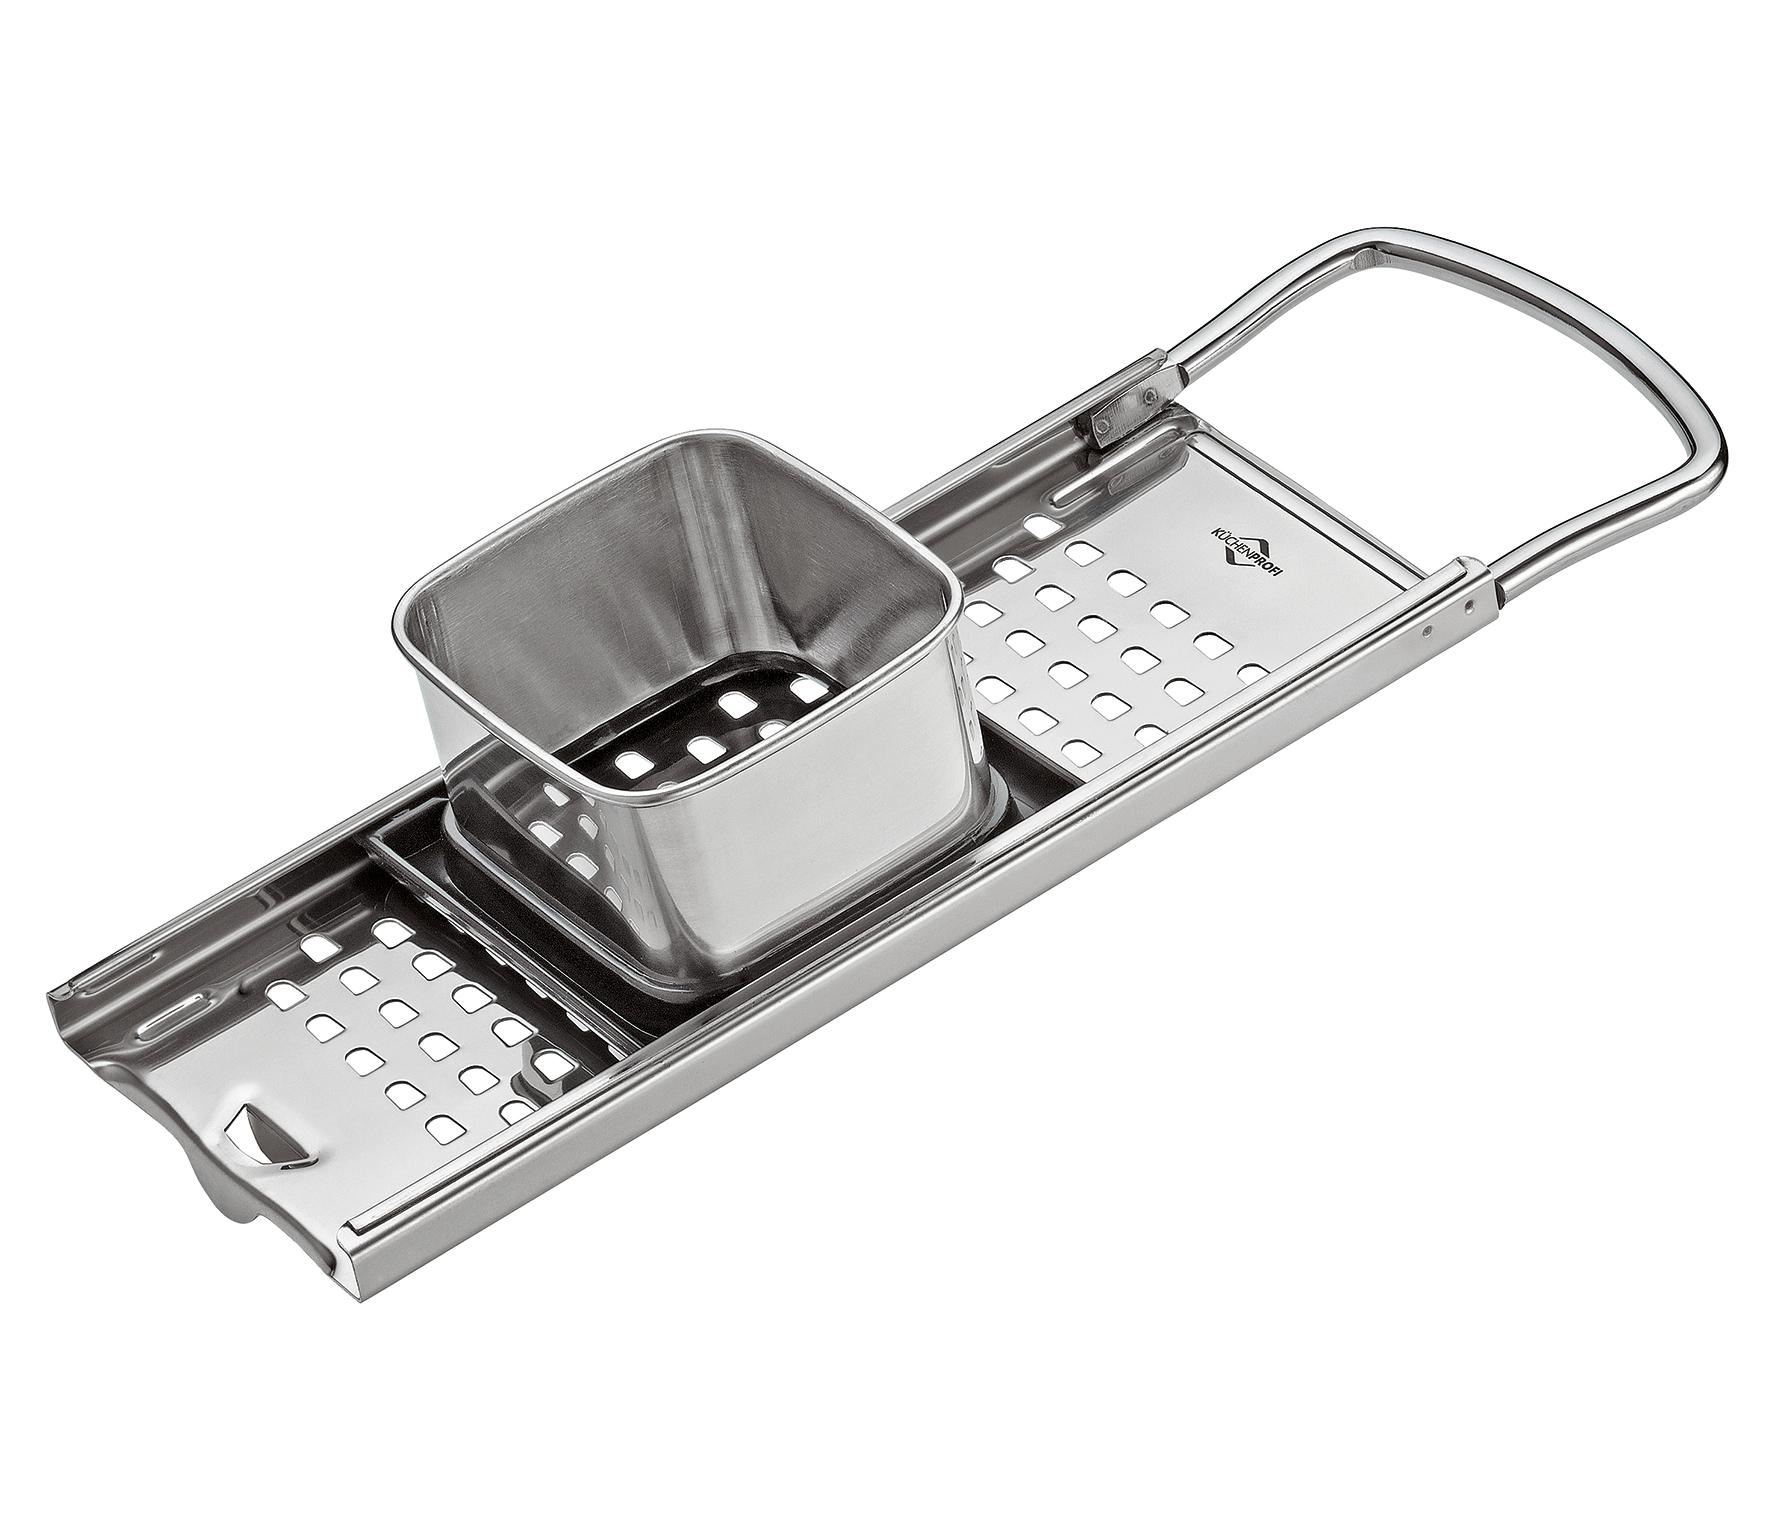 Strouhací deska na šprecle - Küchenprofi